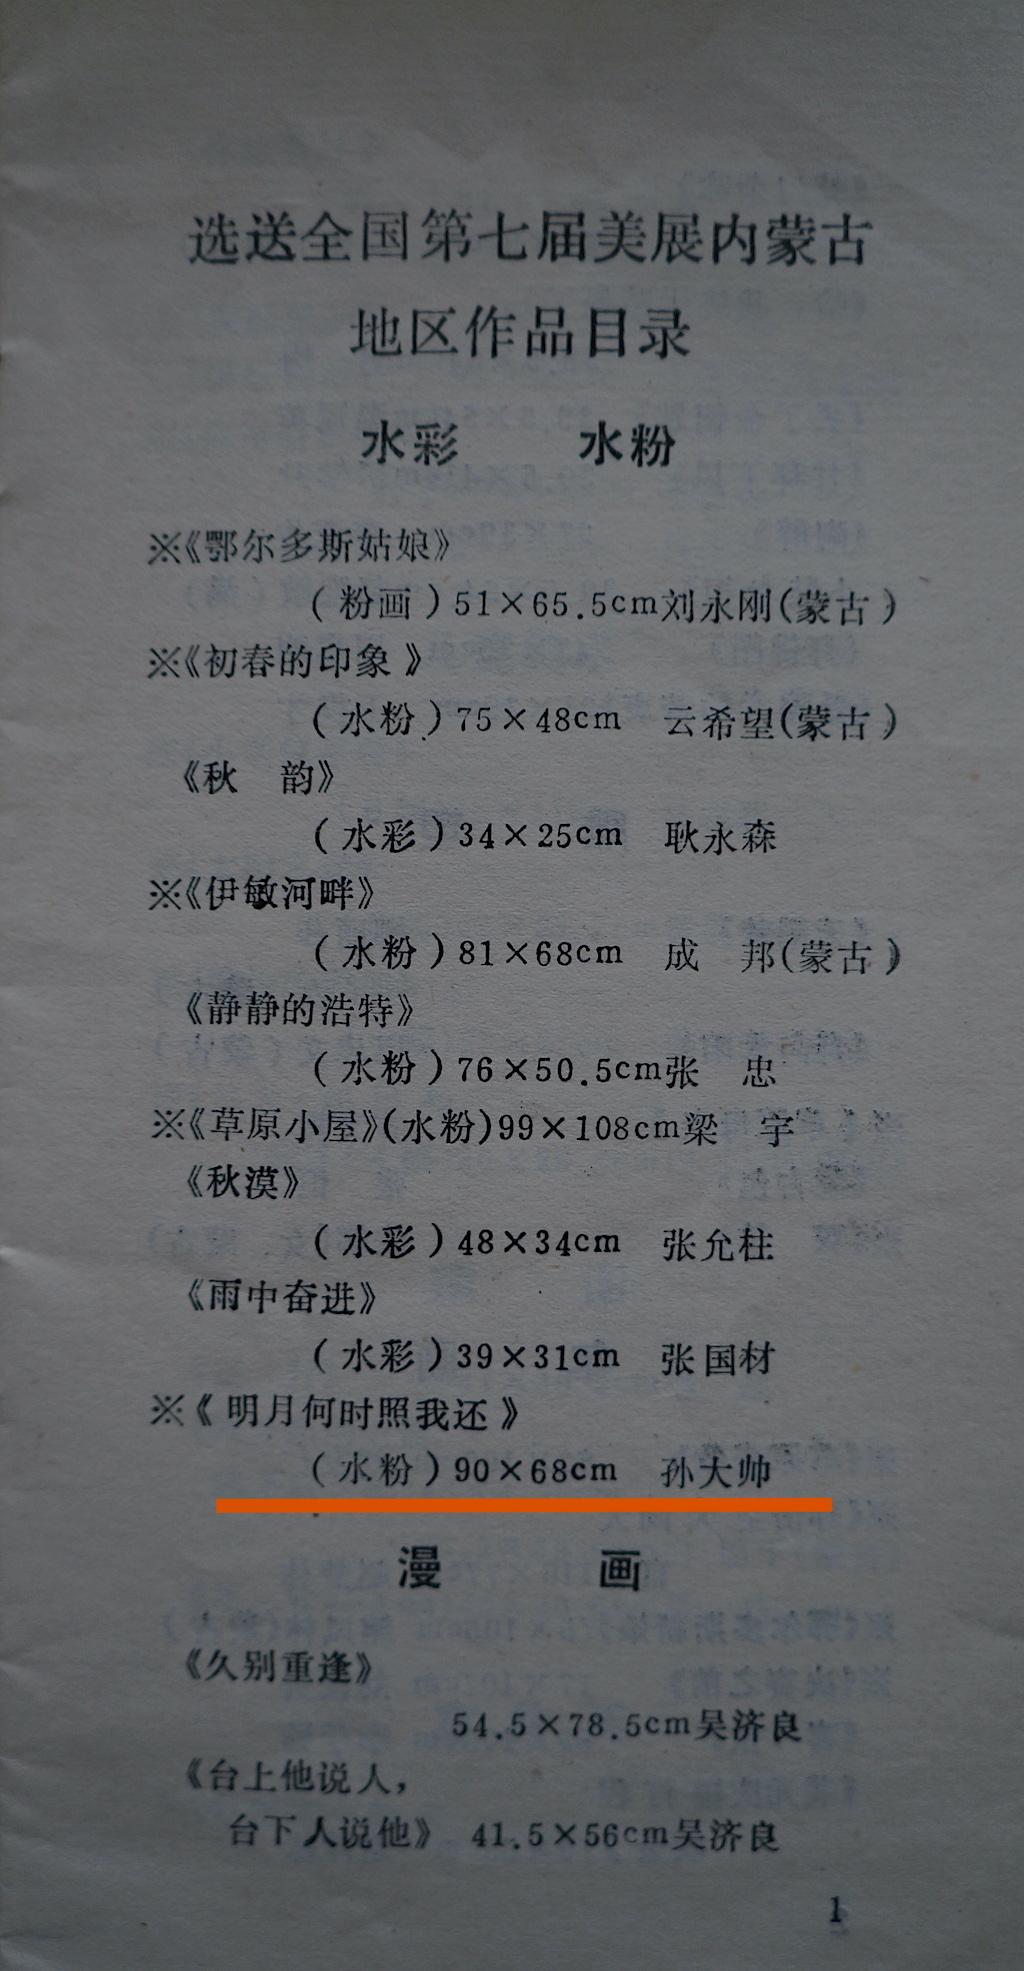 内蒙古美展-02